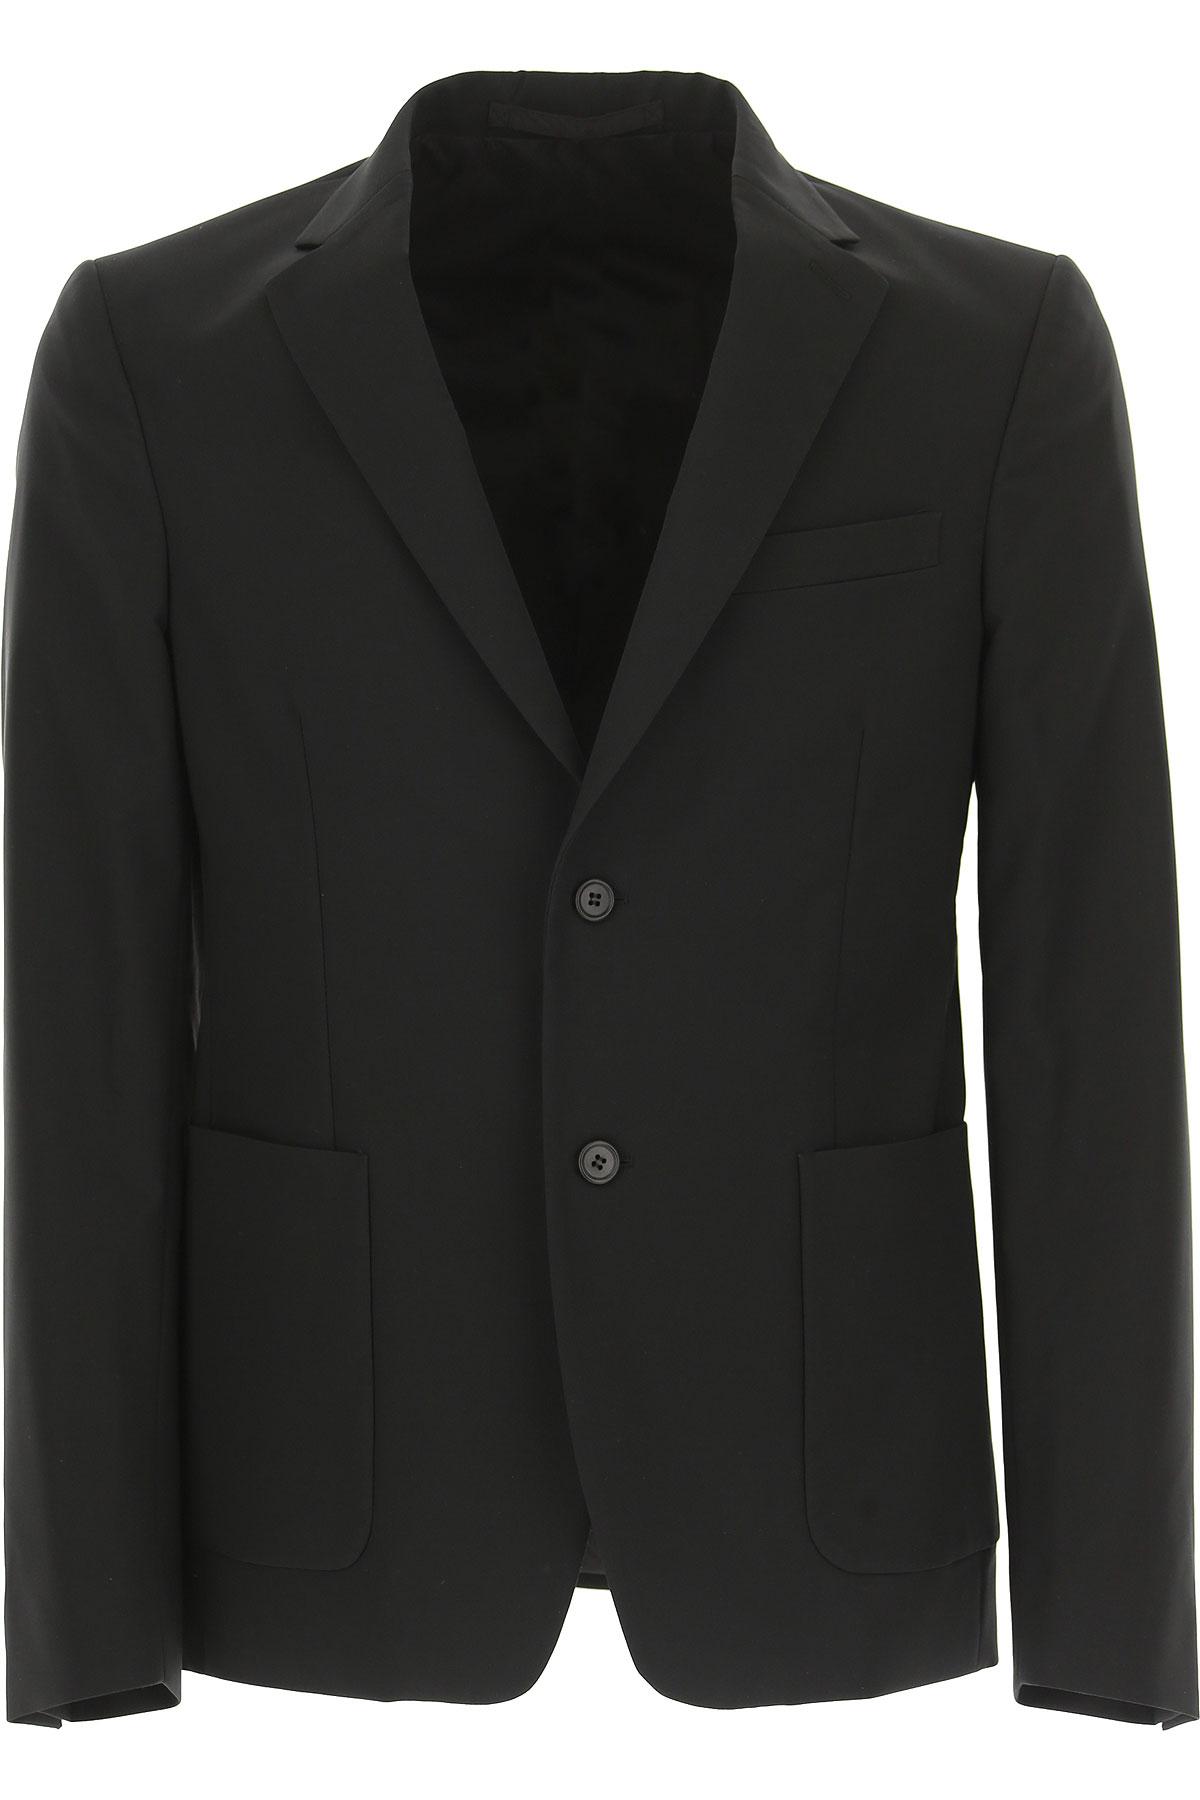 Prada Blazer for Men, Sport Coat On Sale in Outlet, Black, polyester, 2019, L M